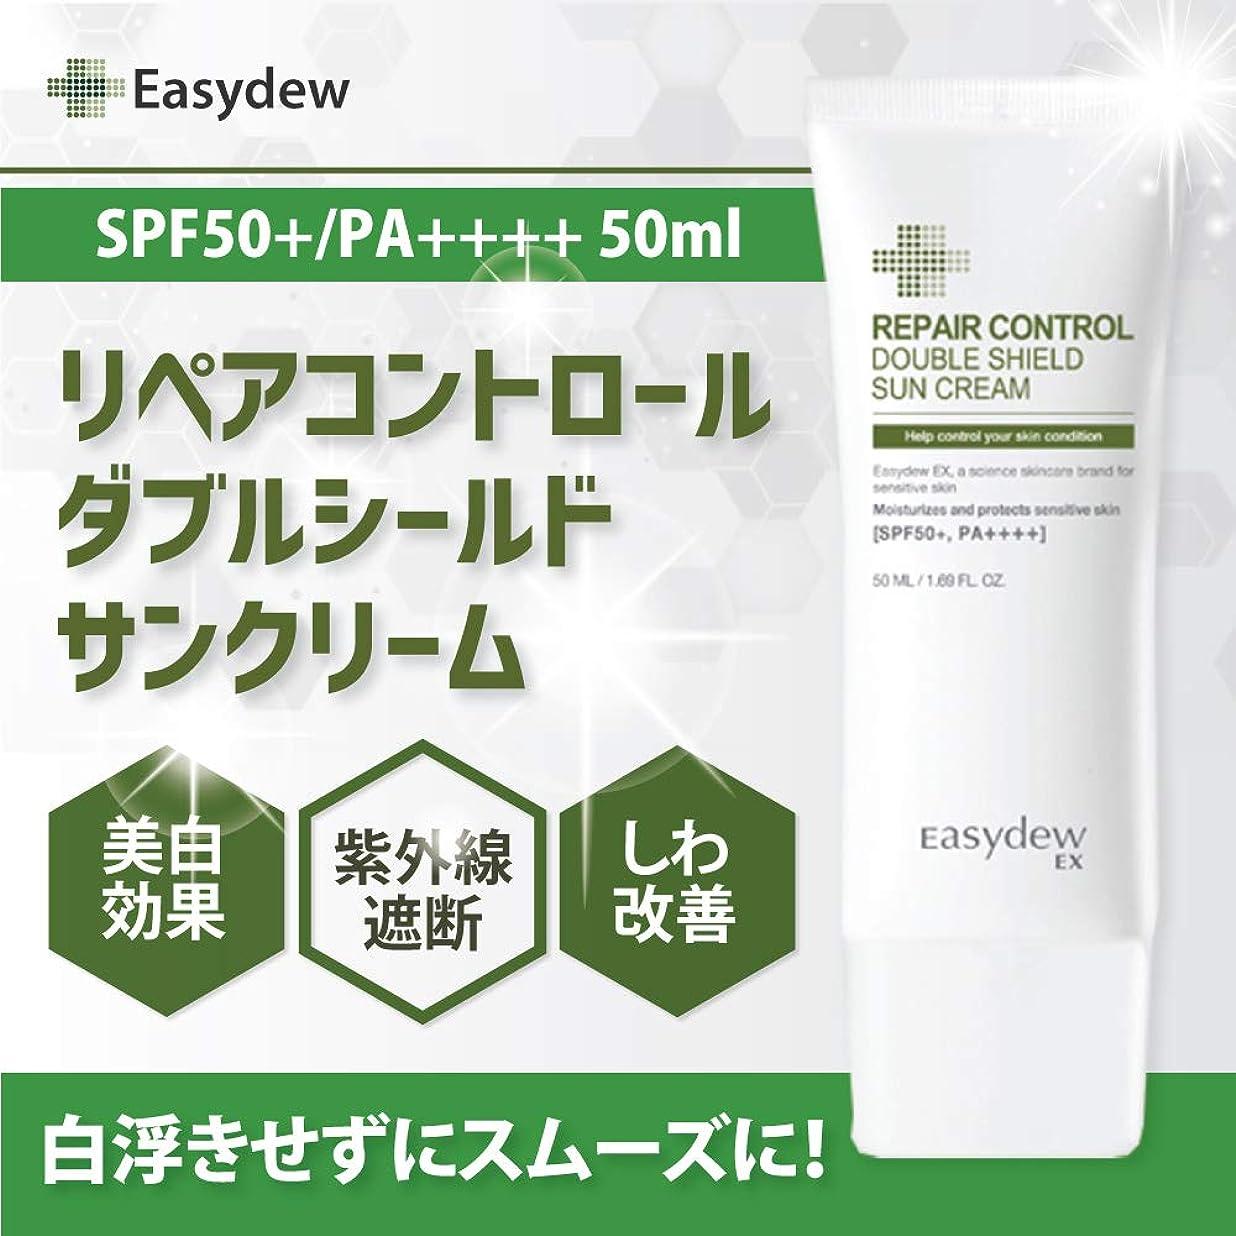 ドアミラー拡張銛デウン製薬 リペア コントロール ダブル シールド サン?クリーム SPF50+/PA++++ 50ml. Repair Control Double Shild Sun Cream SPF50+/PA++++ 50ml.